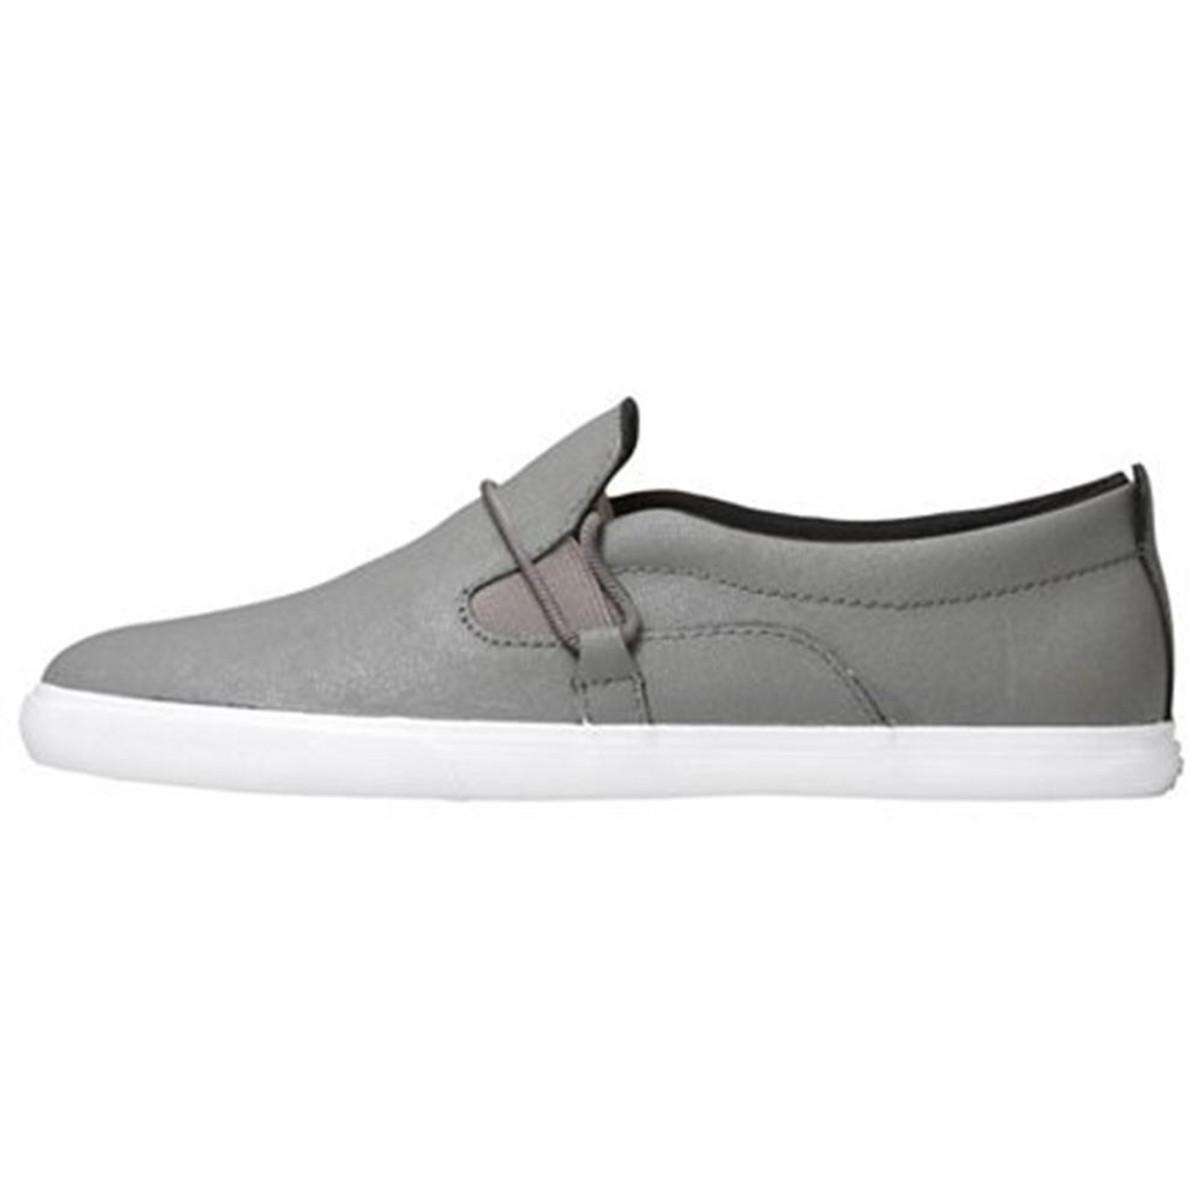 SUPRA Skateboard Styler Schuhe Belay grau